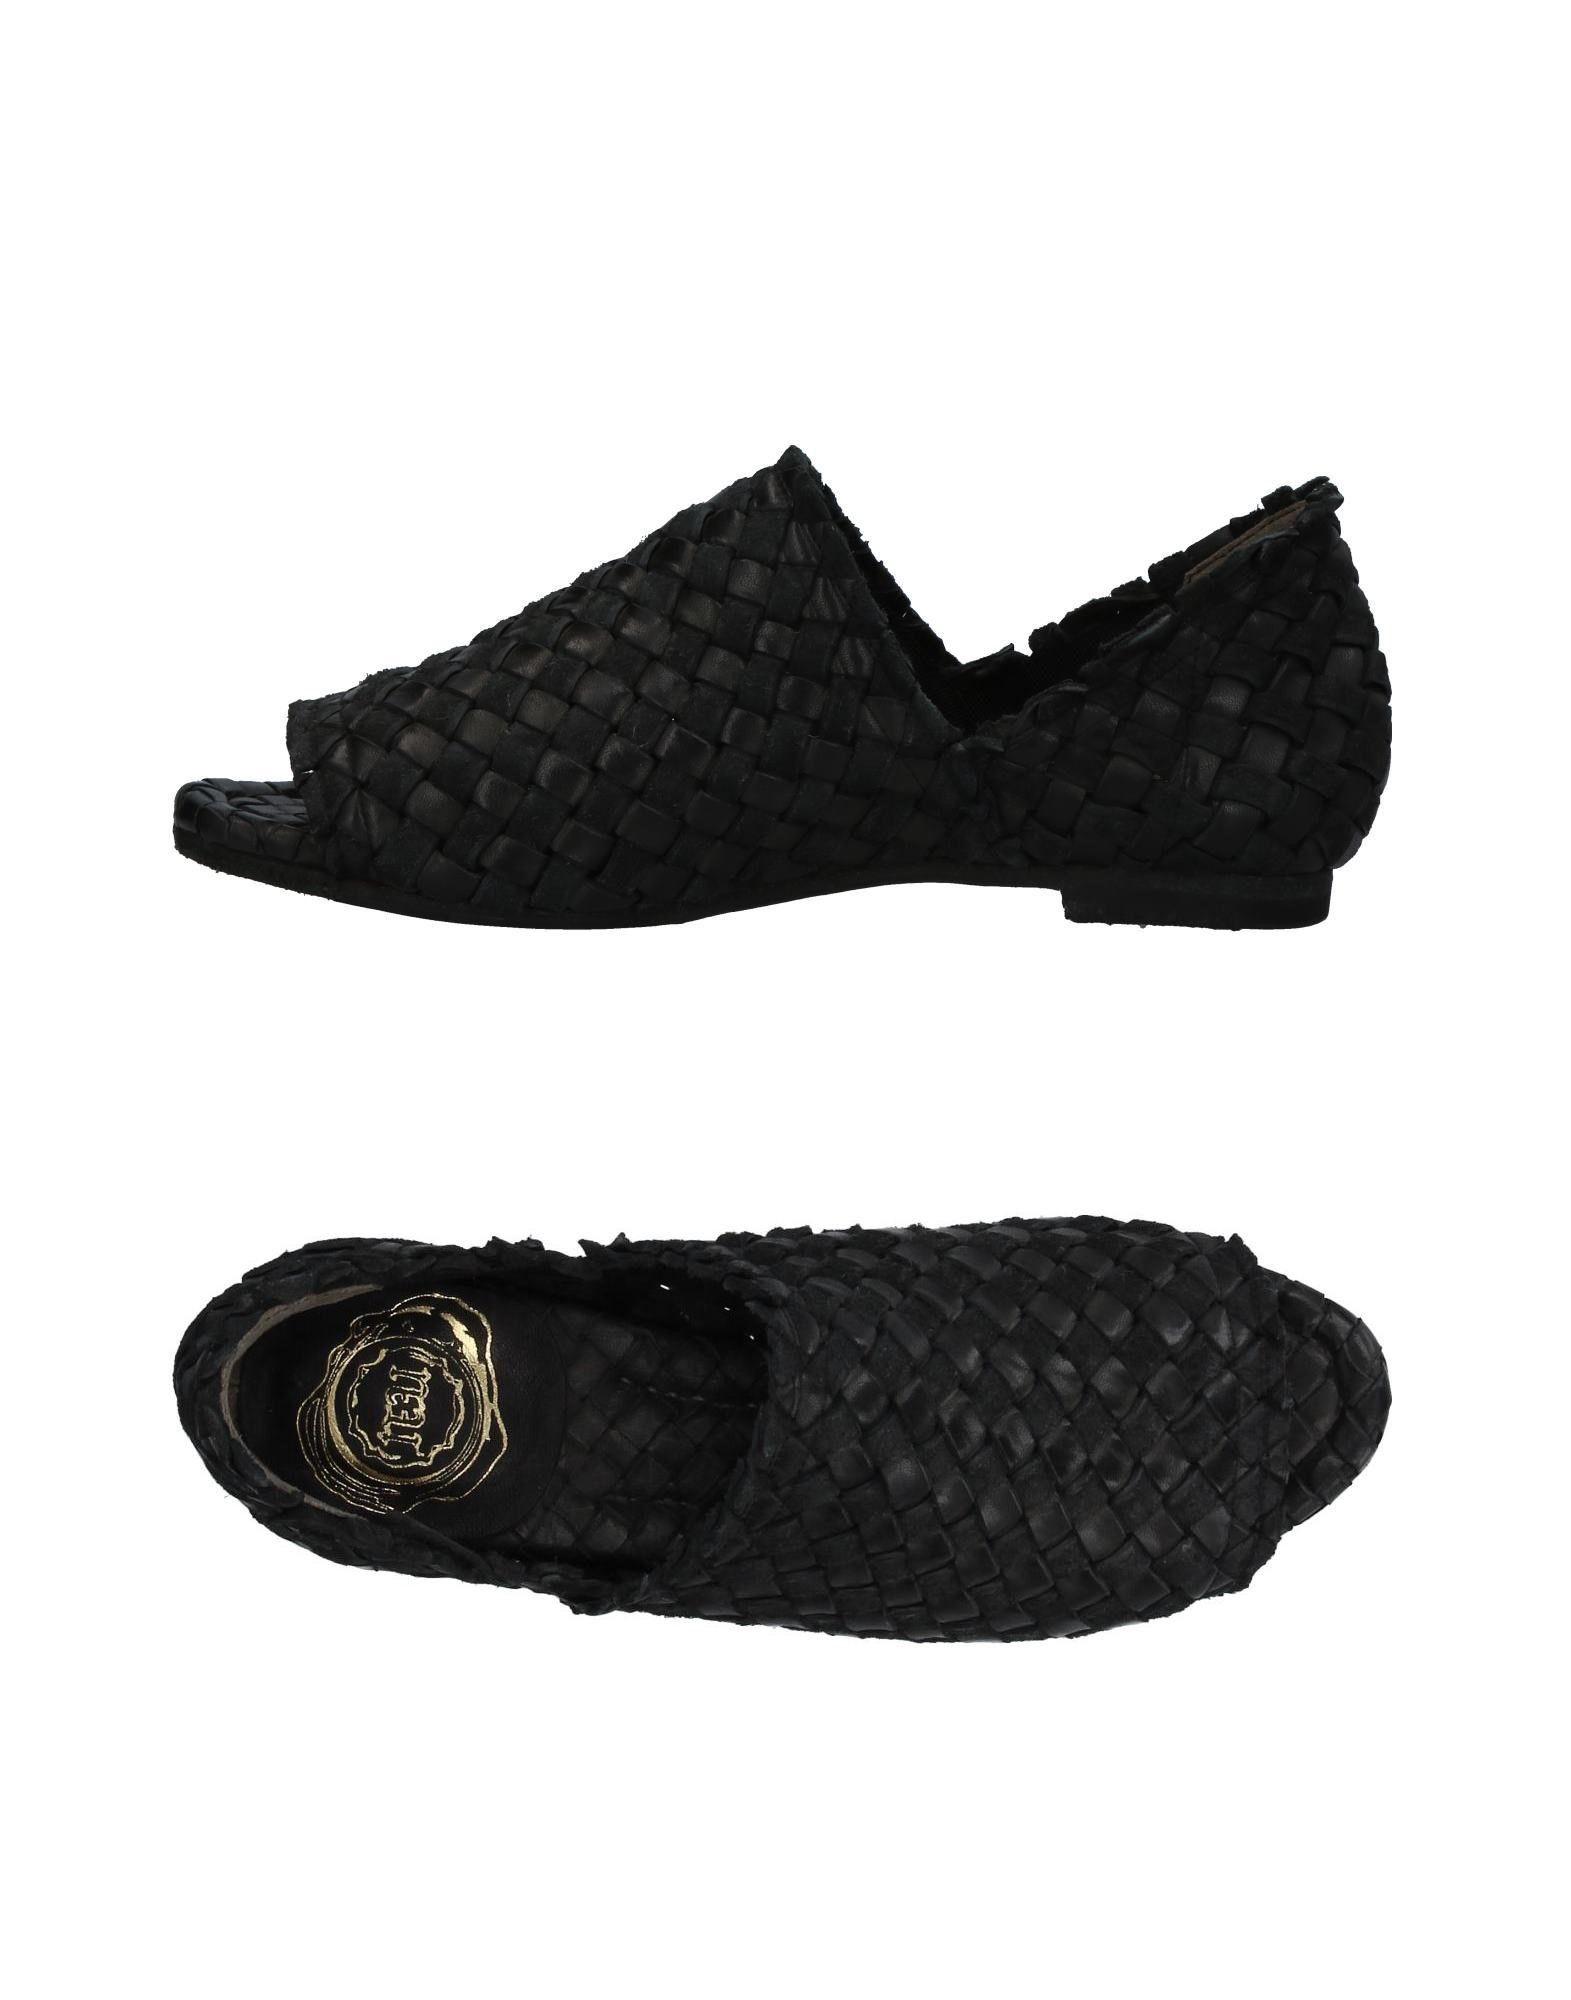 Reu Ballerinas Damen  11325698QB Gute Qualität beliebte Schuhe